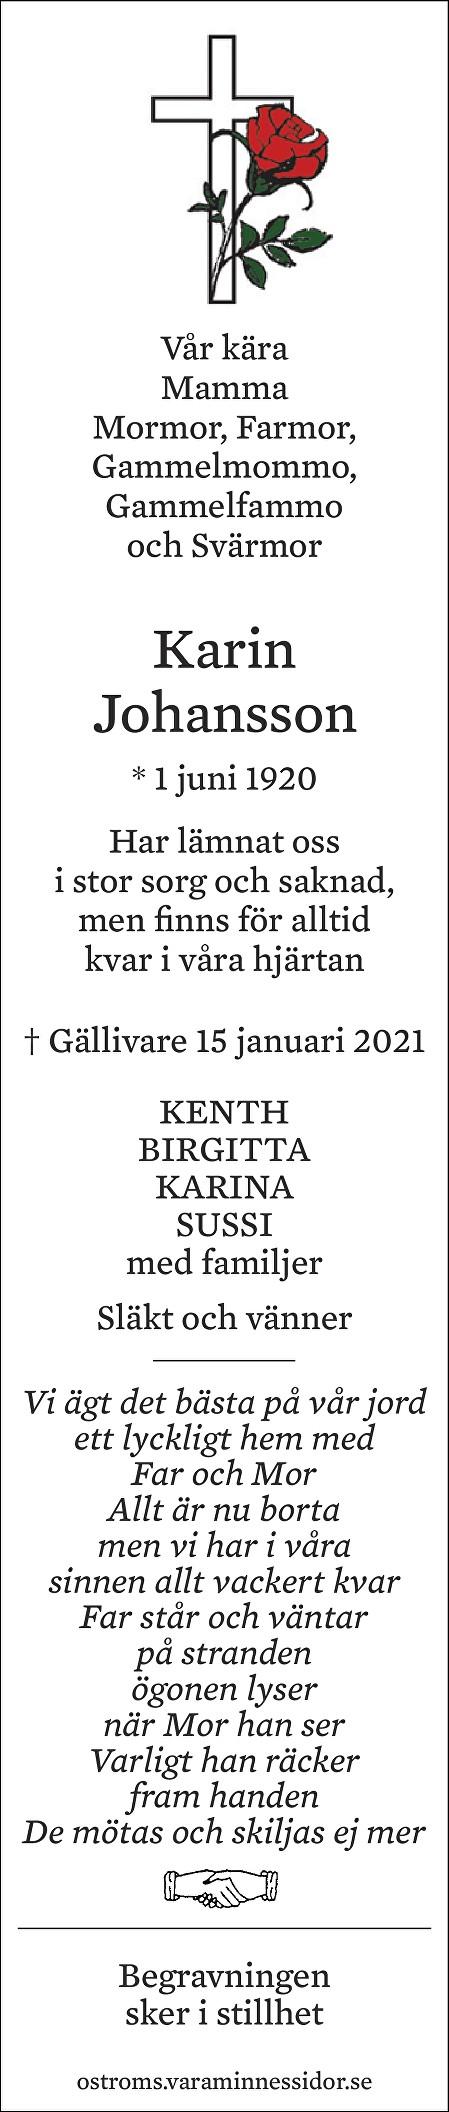 Karin Johansson Death notice